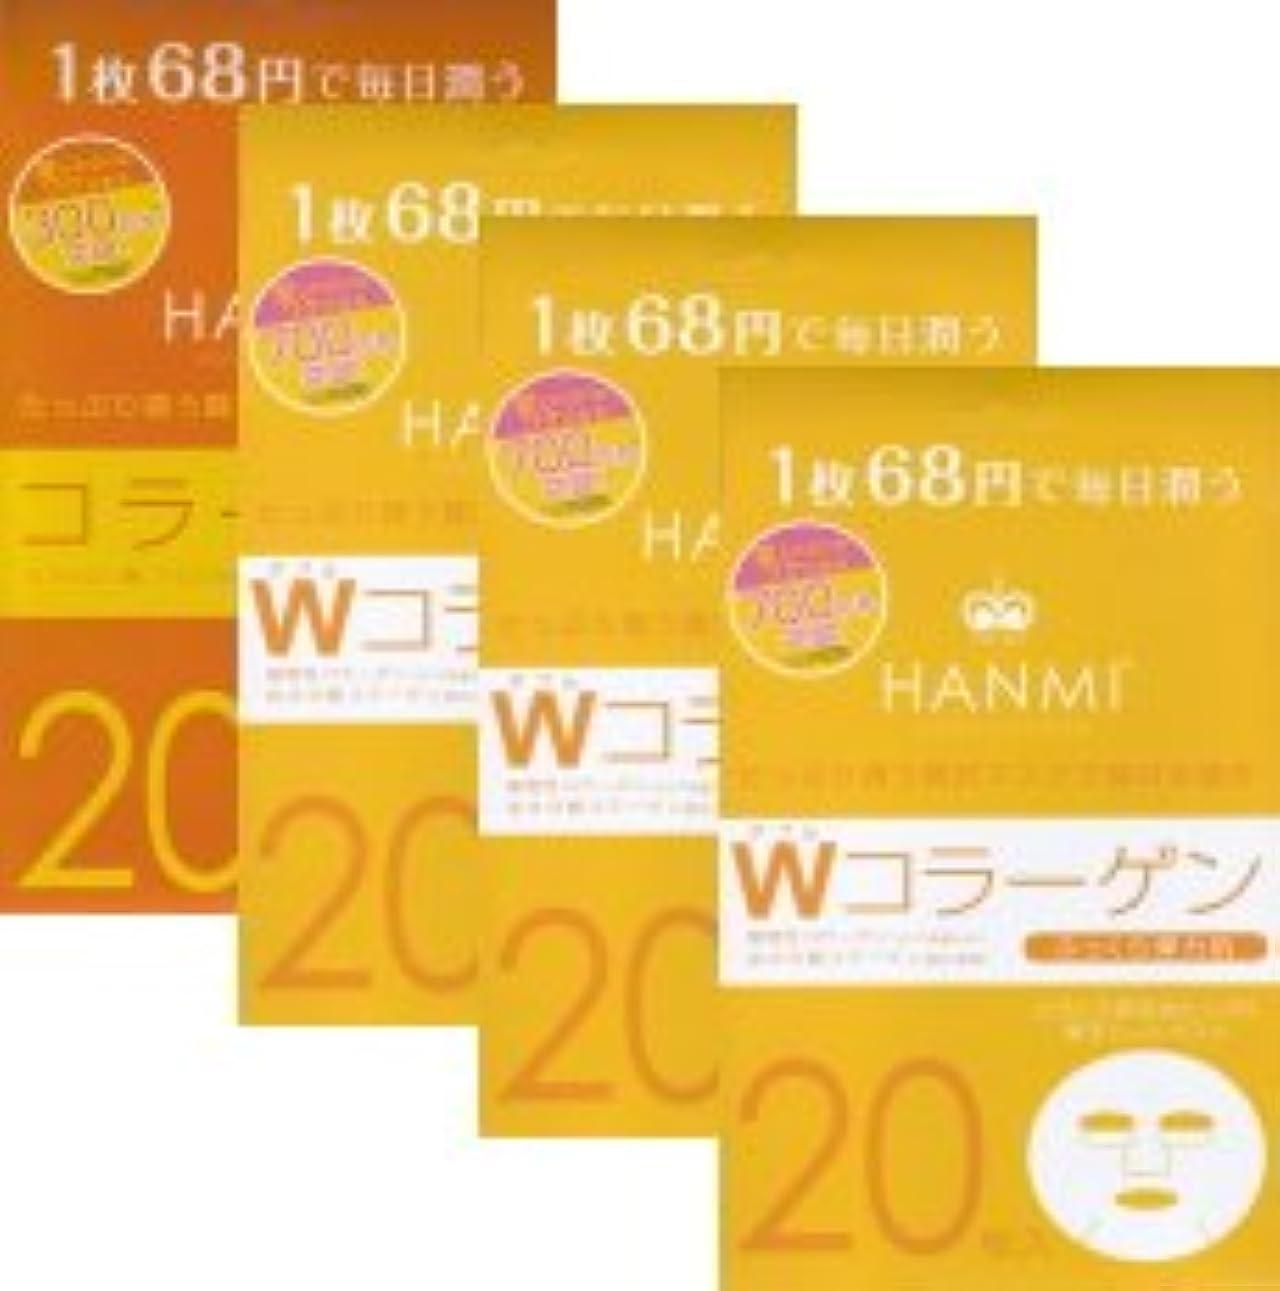 シリアル出発隠MIGAKI ハンミフェイスマスク(20枚入り)「コラーゲン×1個」「Wコラーゲン×3個」の4個セット